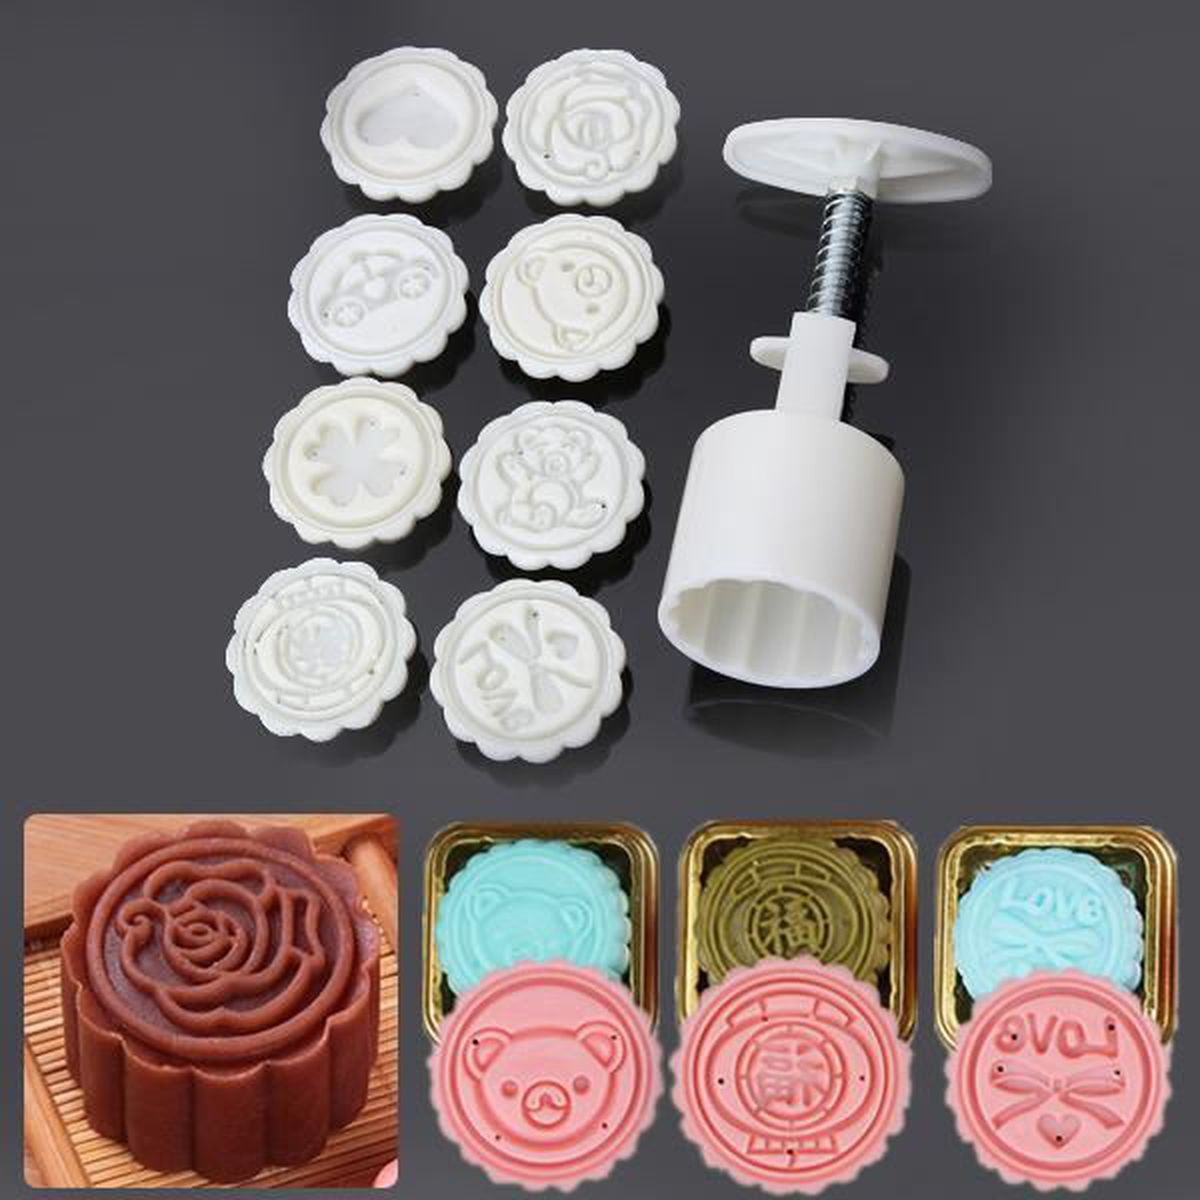 3 Nouvelle Forme Donut Cookies Cutter Pâtisserie Gâteau Cake Décoration Mold moule Outils